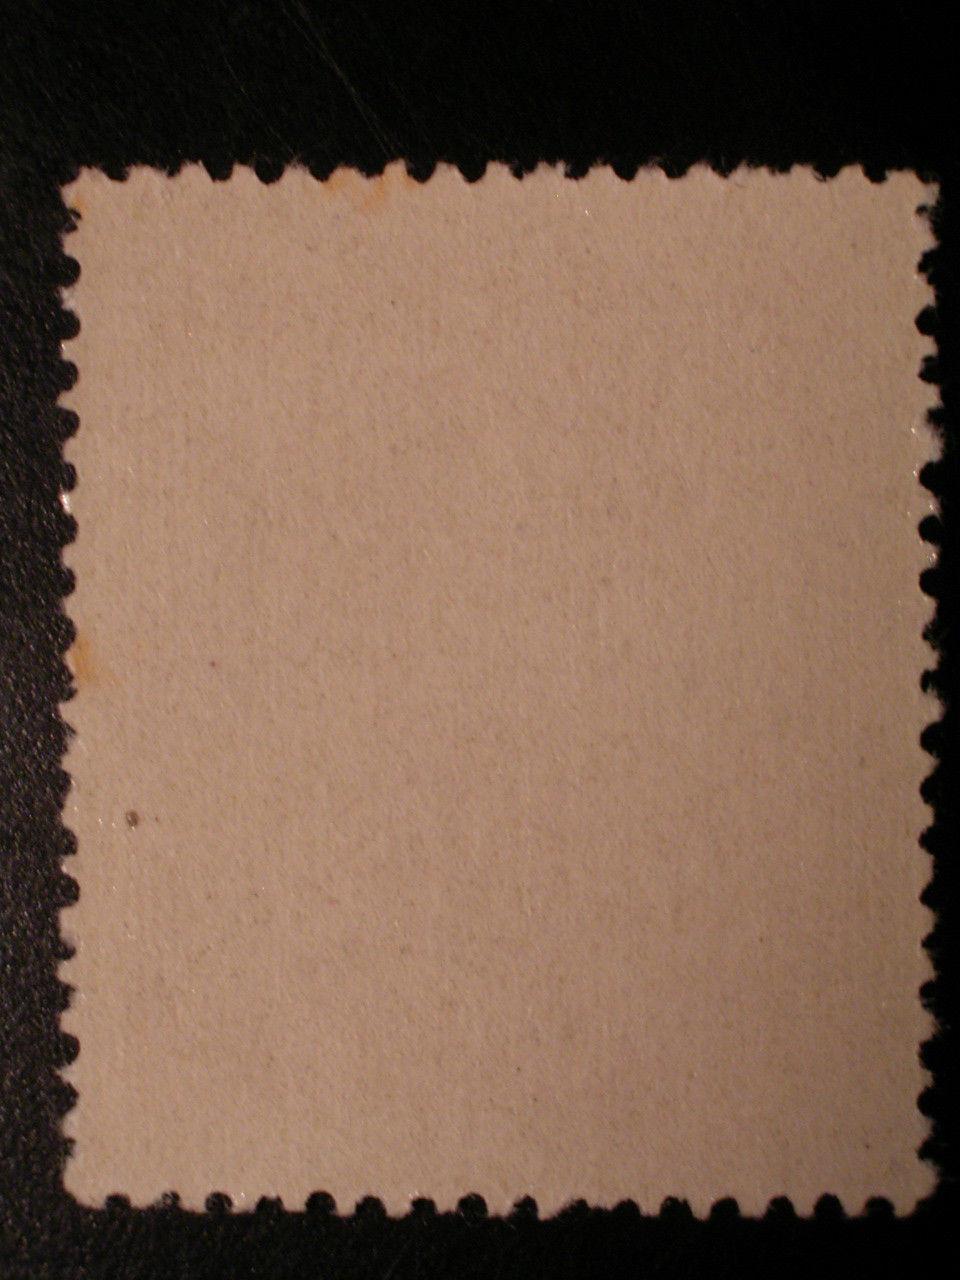 Trachtenserie - Seite 5 At_1948_trachten_1s_rot_$_59